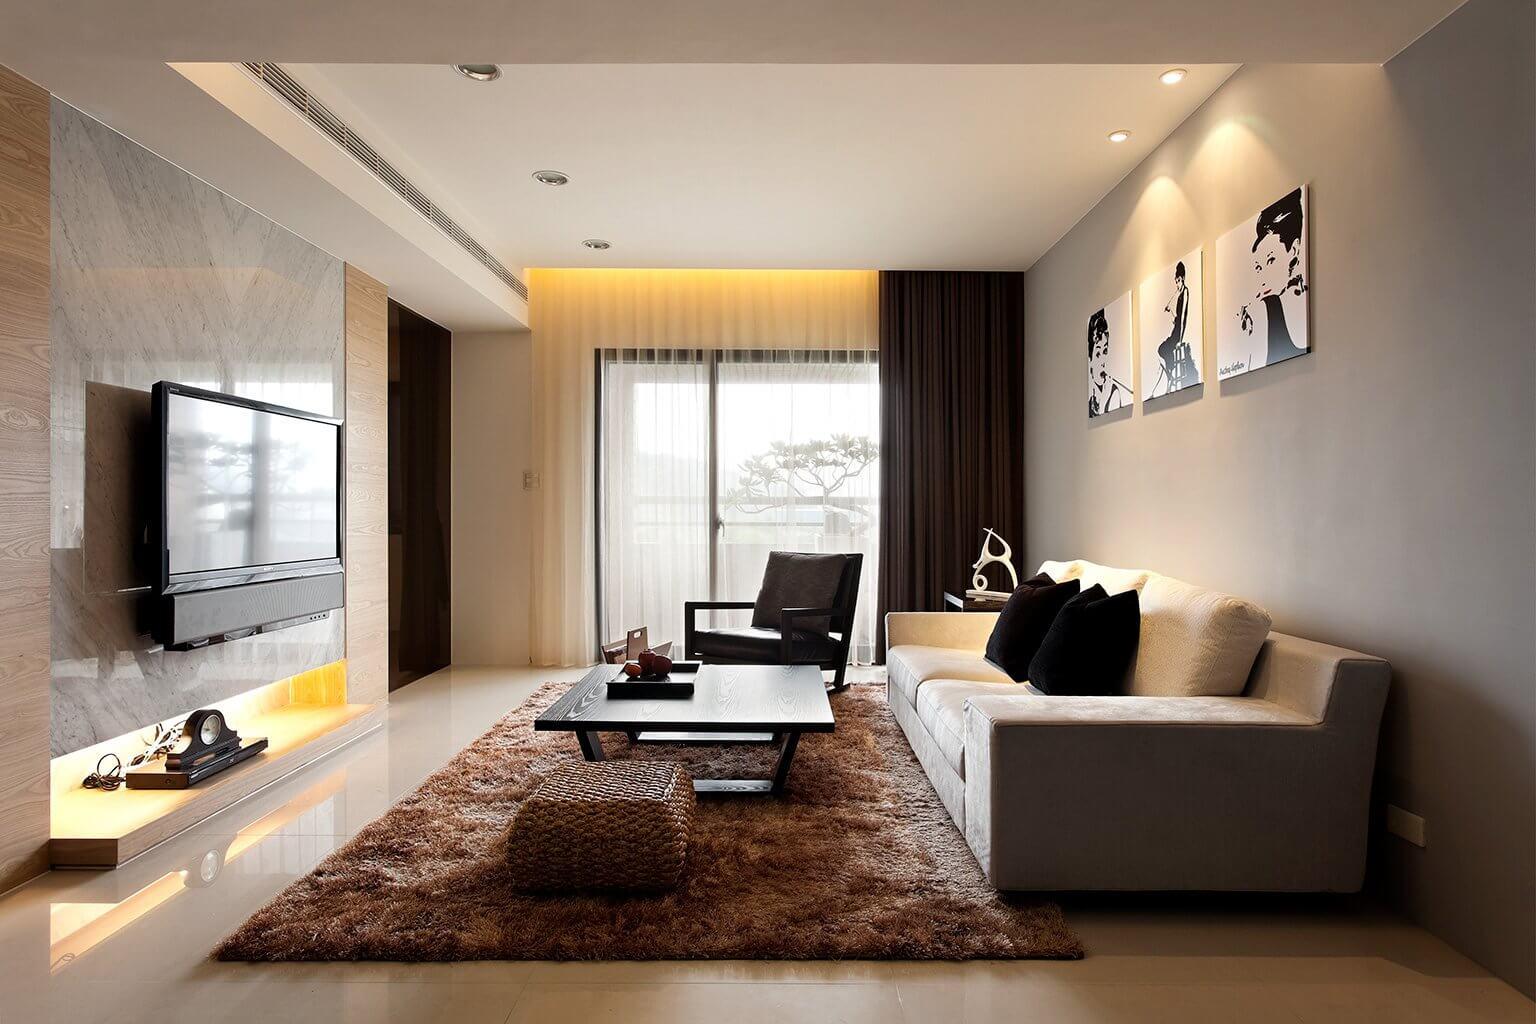 Sala de estar aconchegante com tons de marrom no tapete, puff e cortina